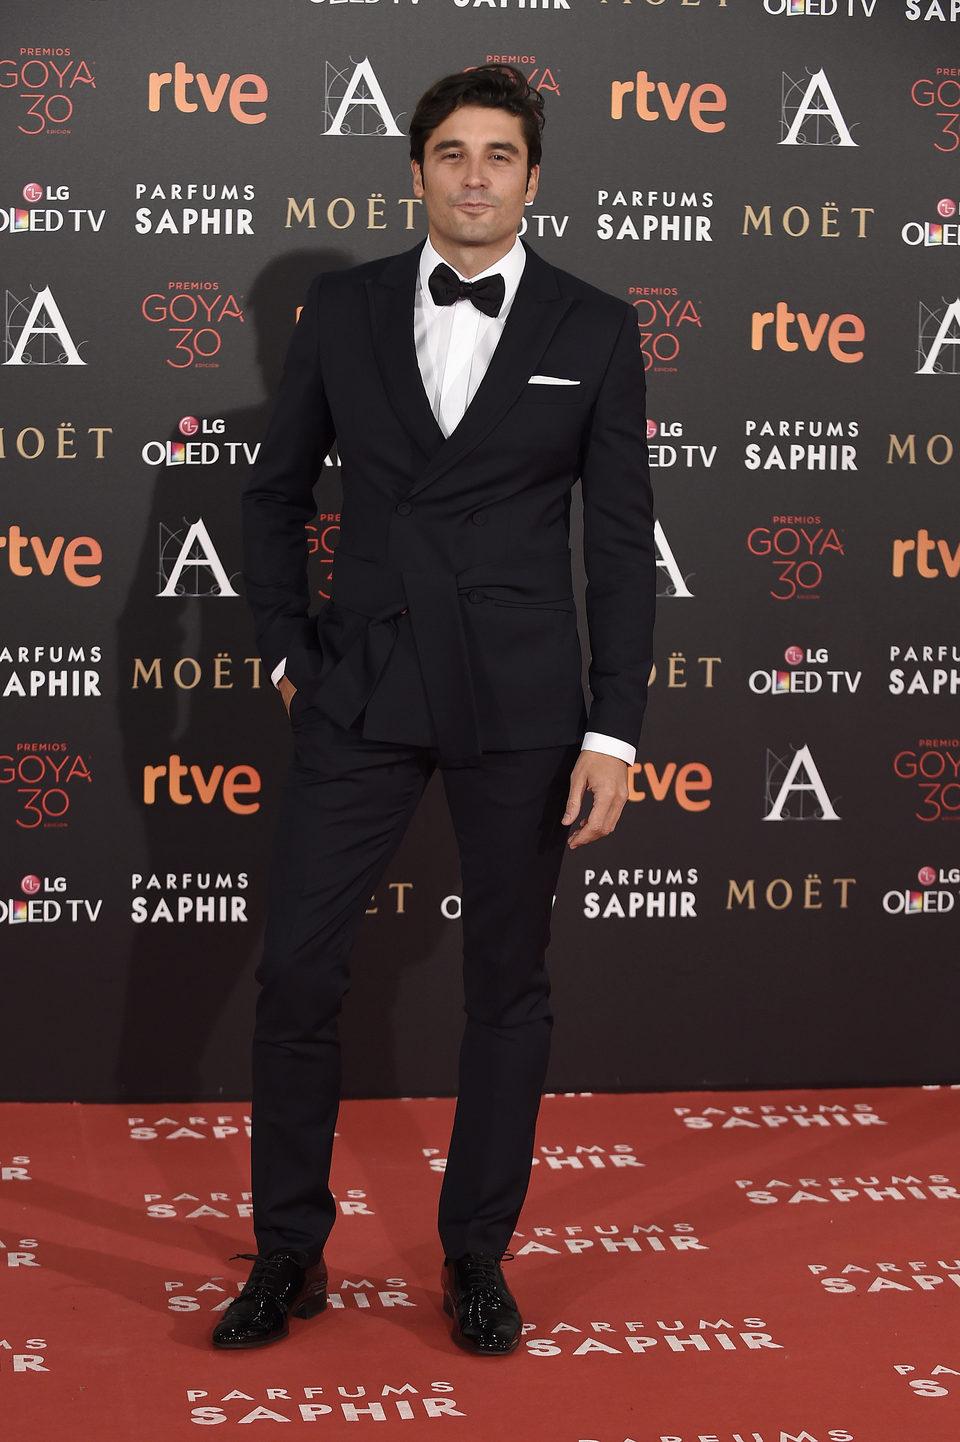 Alex García en la alfombra roja de los Premios Goya 2016